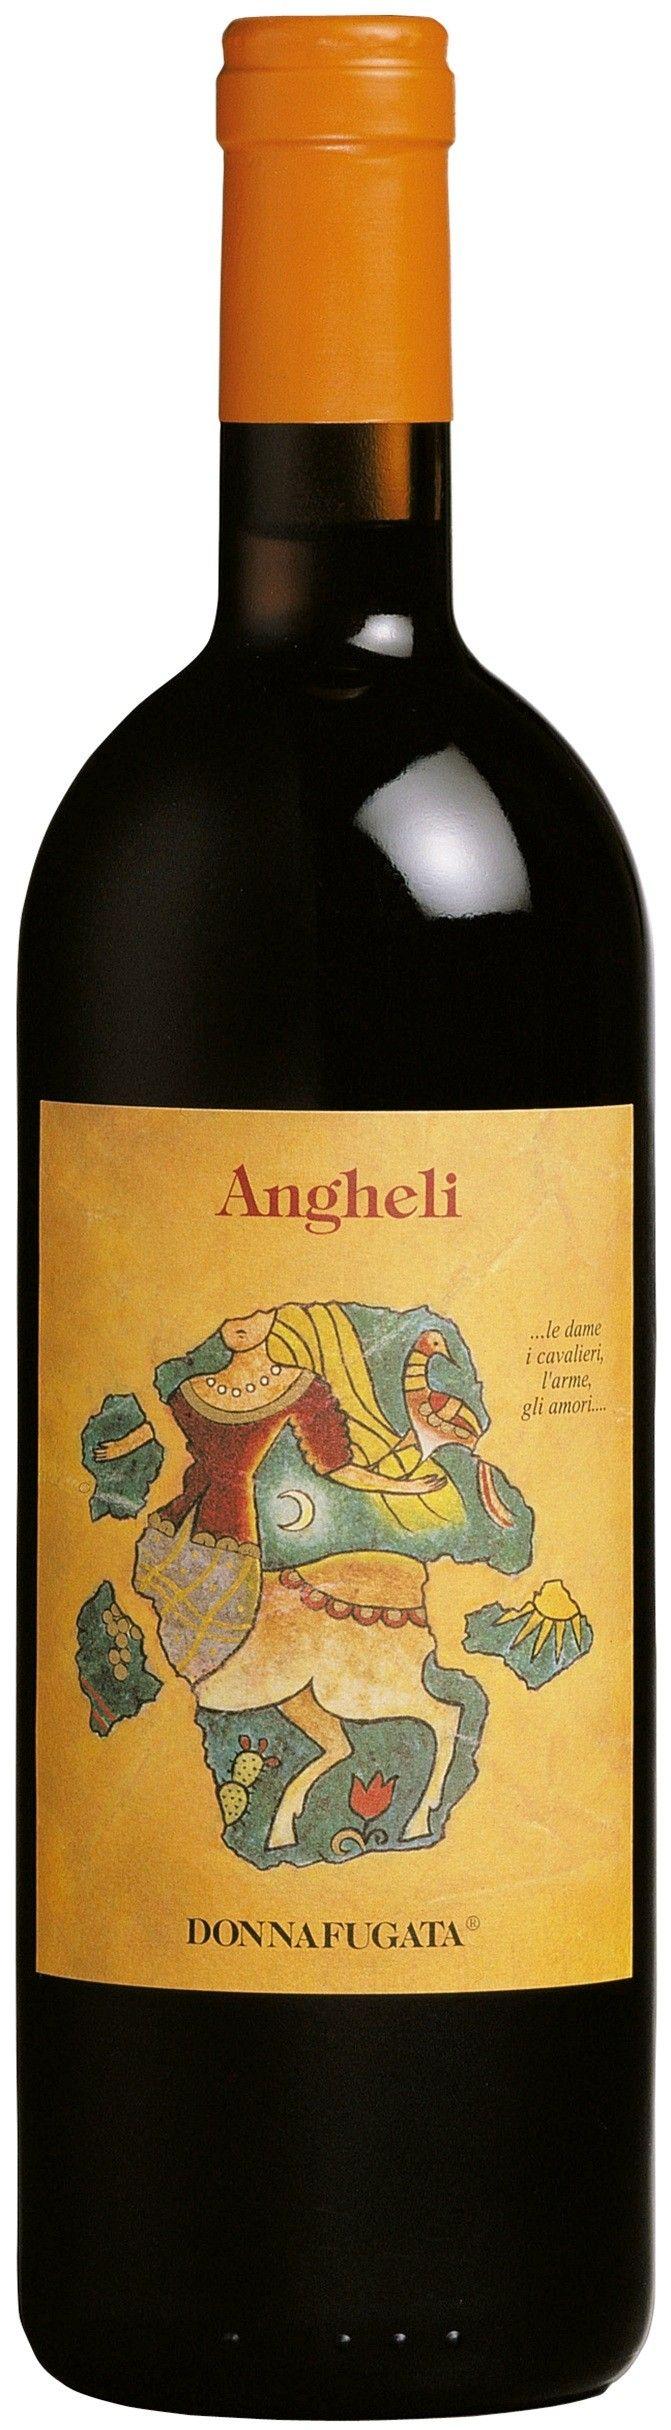 Angheli - DonnaFugata - www.saporiatavola.it